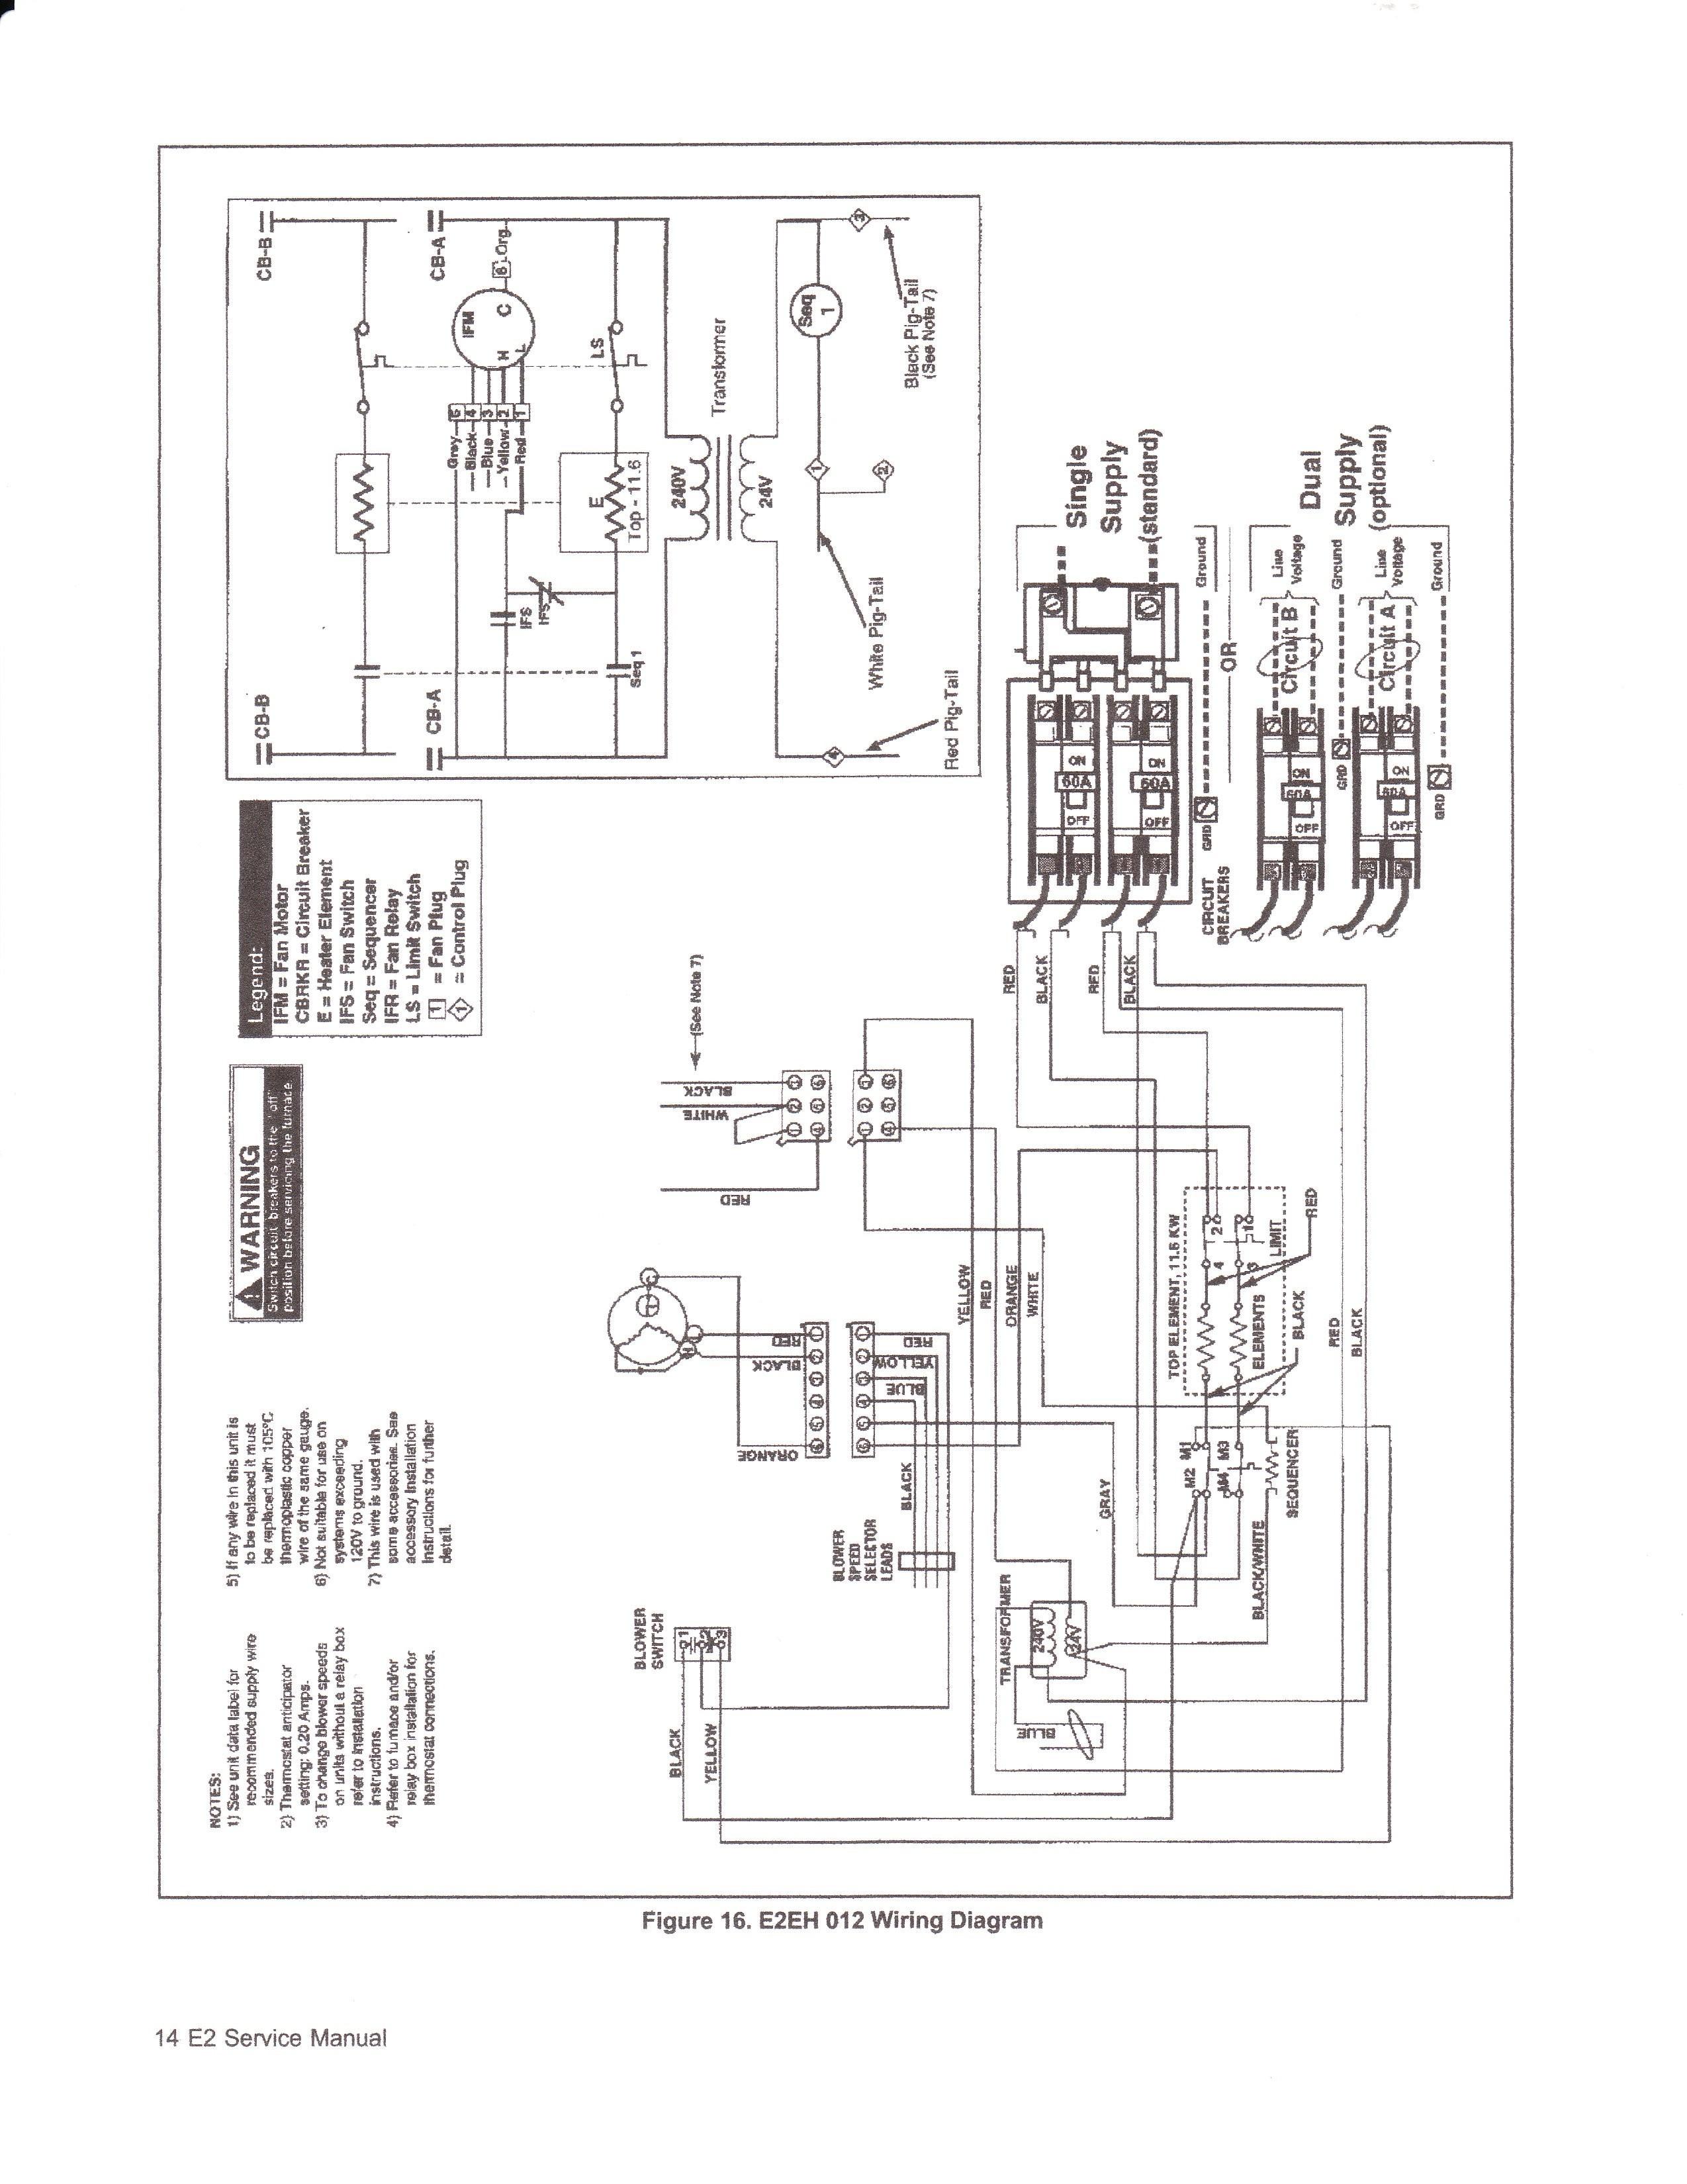 Miller Electric Furnace Wiring Diagram - Wiring Diagram Data - Electric Furnace Wiring Diagram